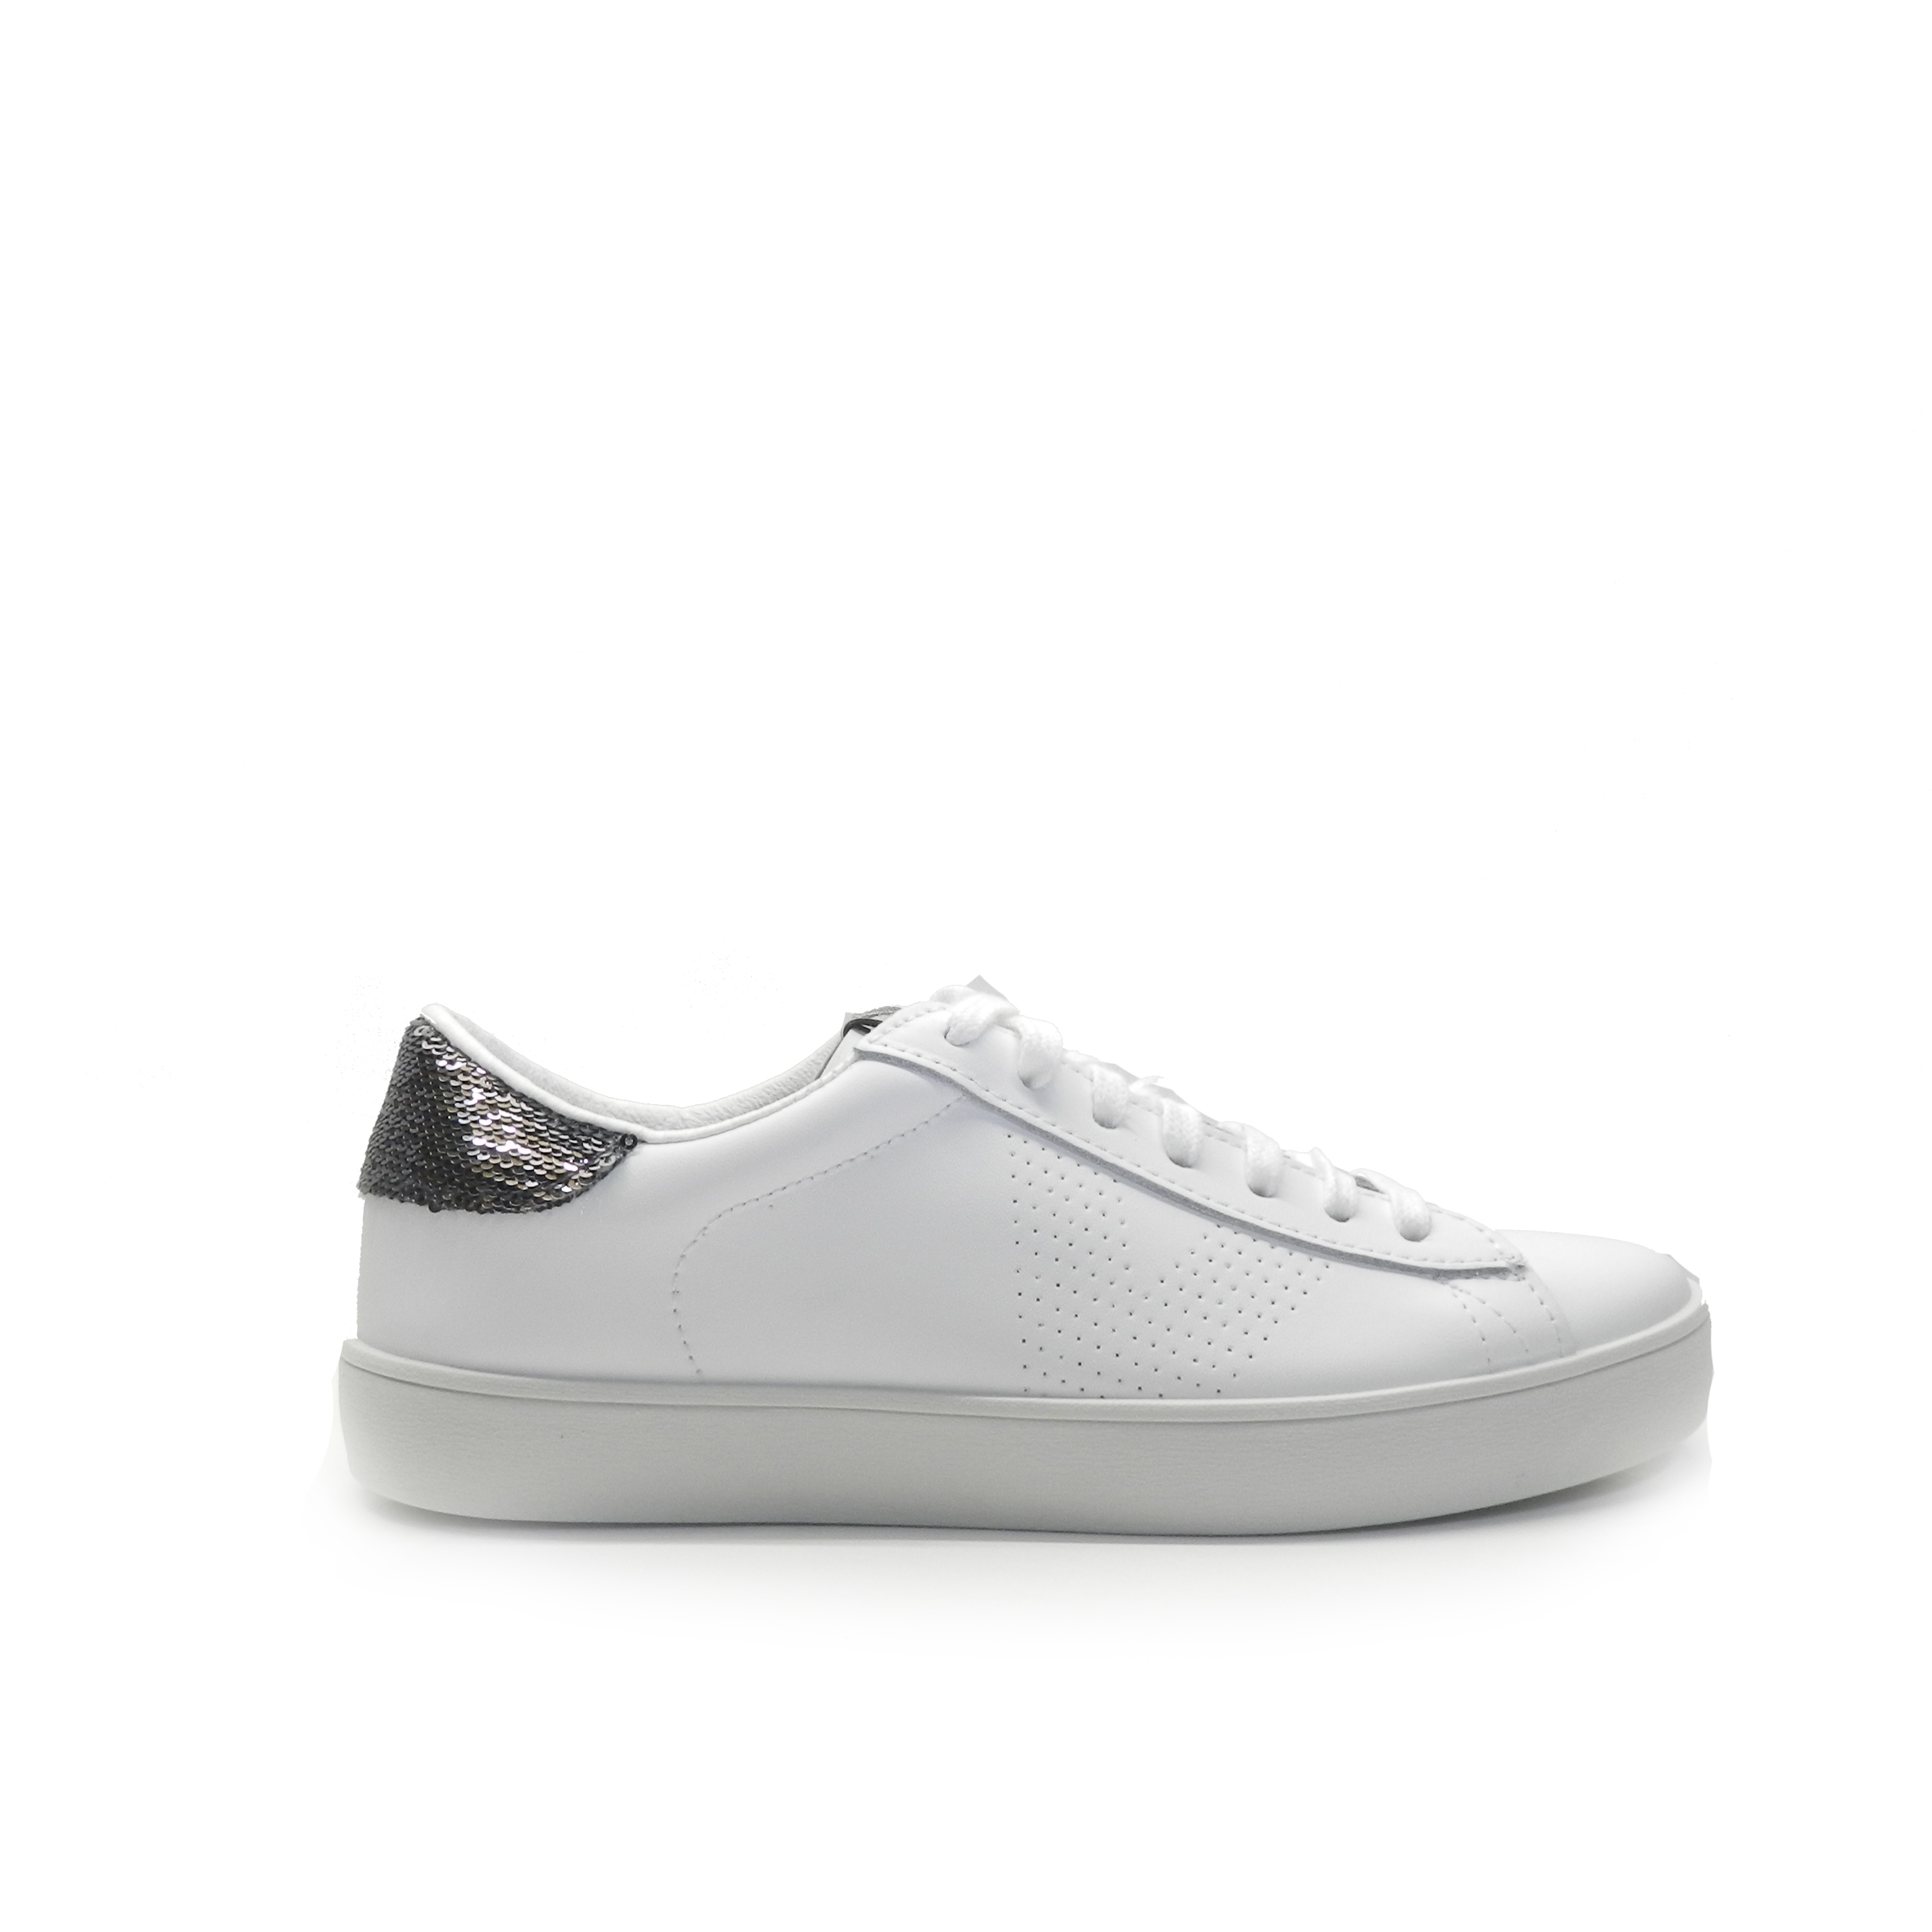 sneakers de napa de color blanco tipo tenis con adorno trasero brillante,marca victoria